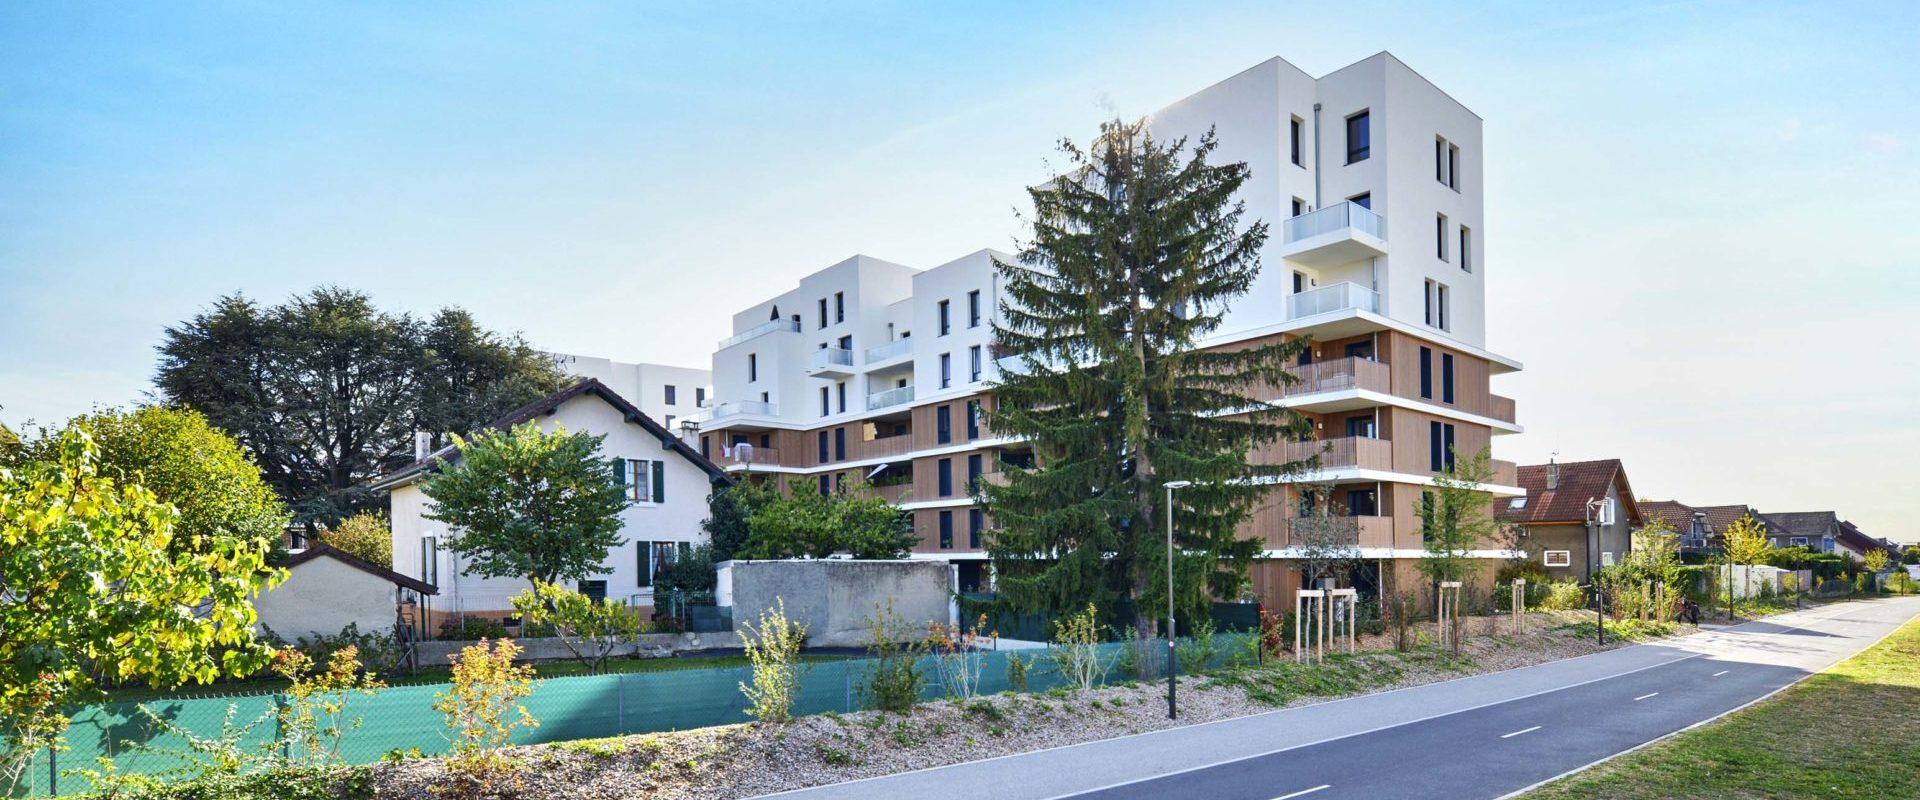 ambilly - sukma logements suite 10 - Modif R